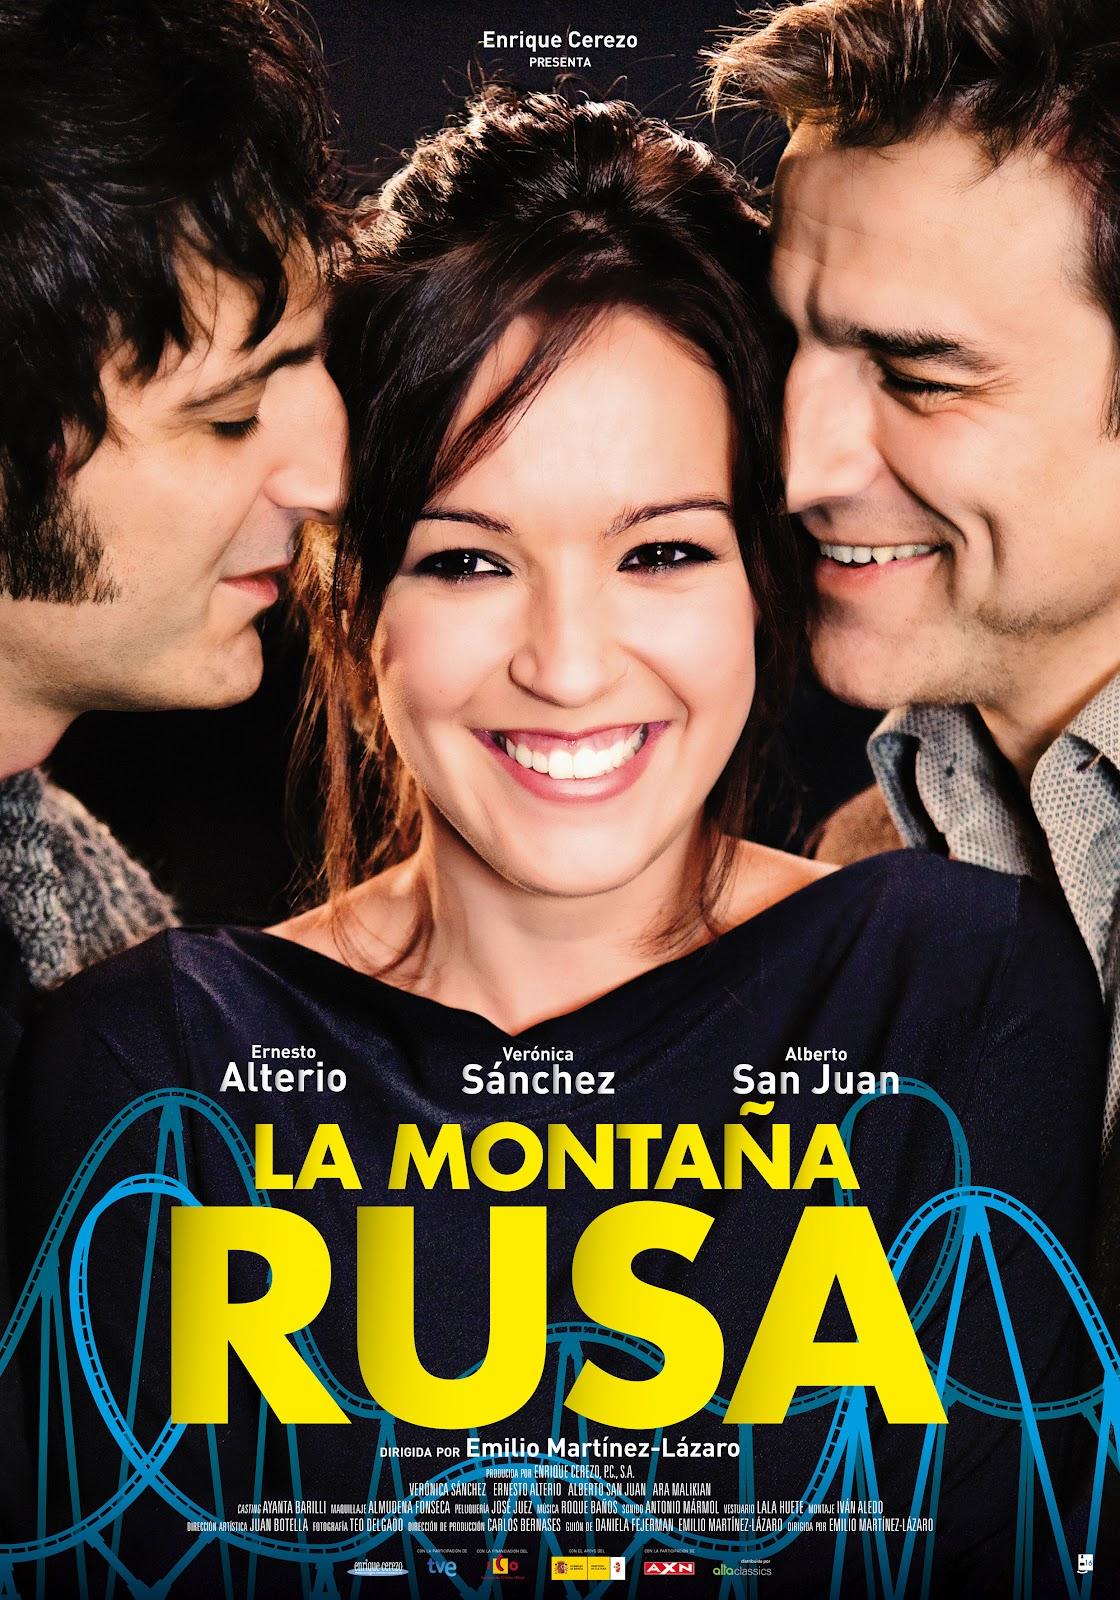 Ernesto Alterio, Alberto San Juan, and Verónica Sánchez in La montaña rusa (2012)